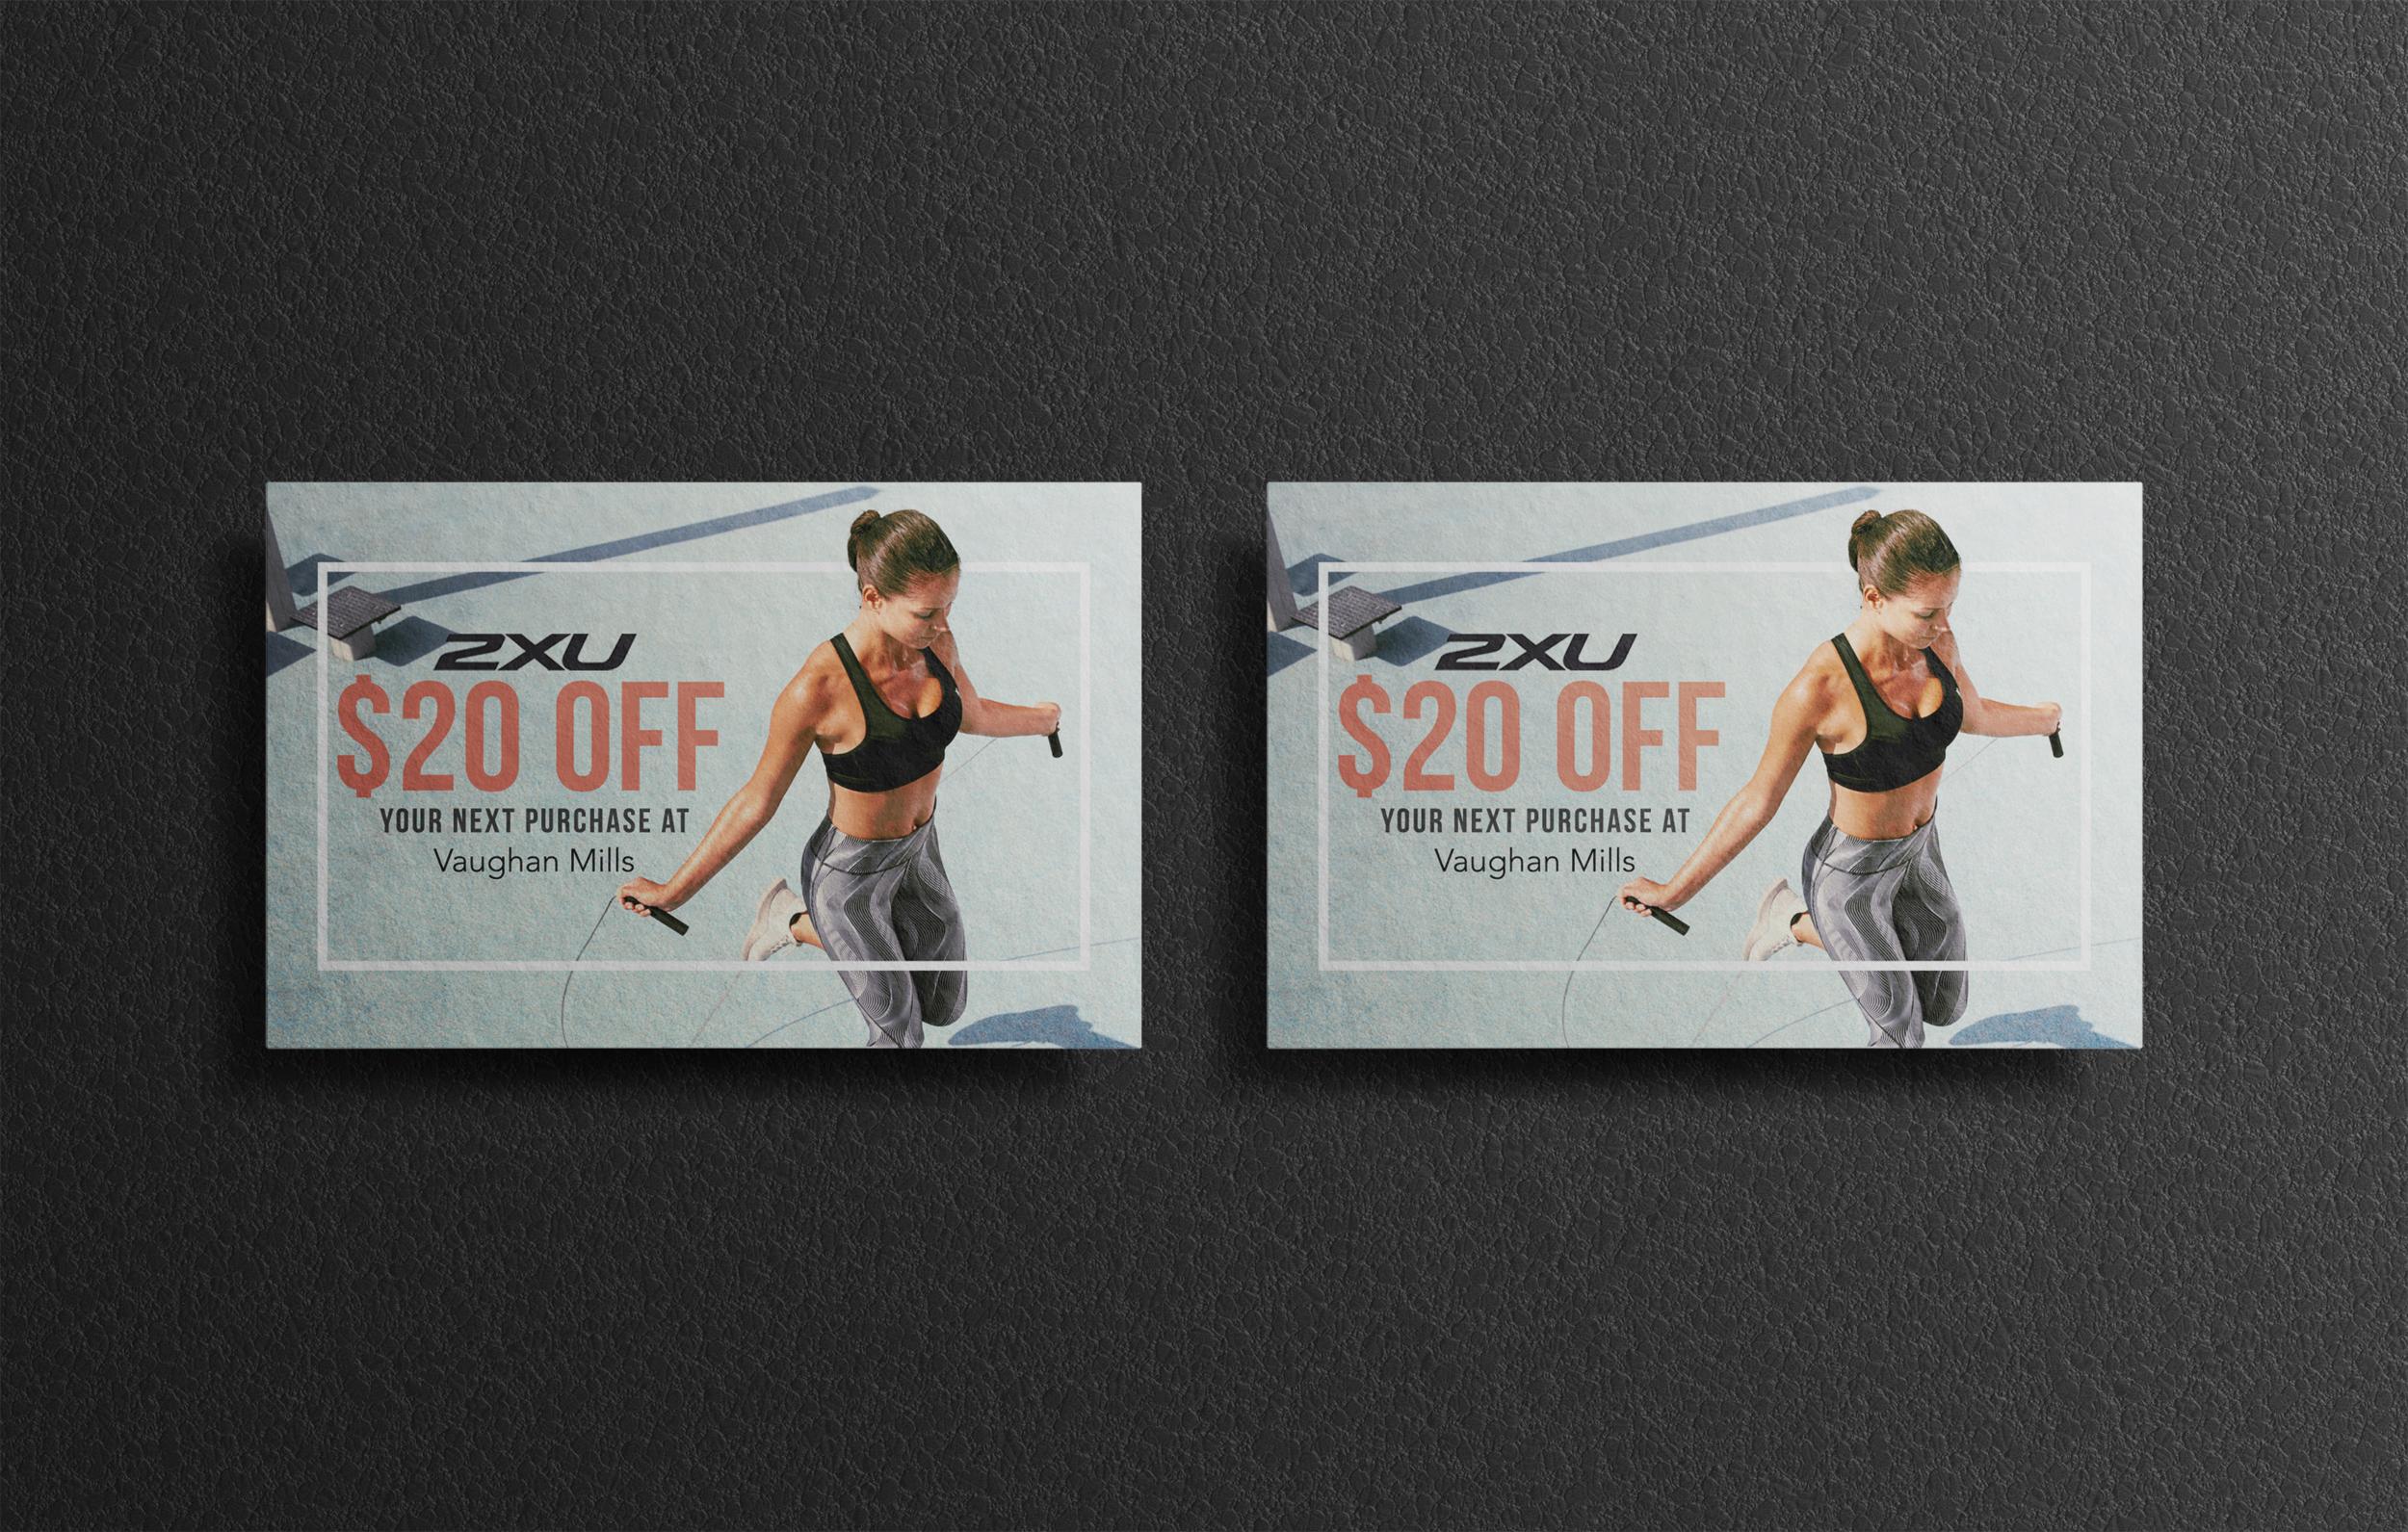 2XU Promo Cards